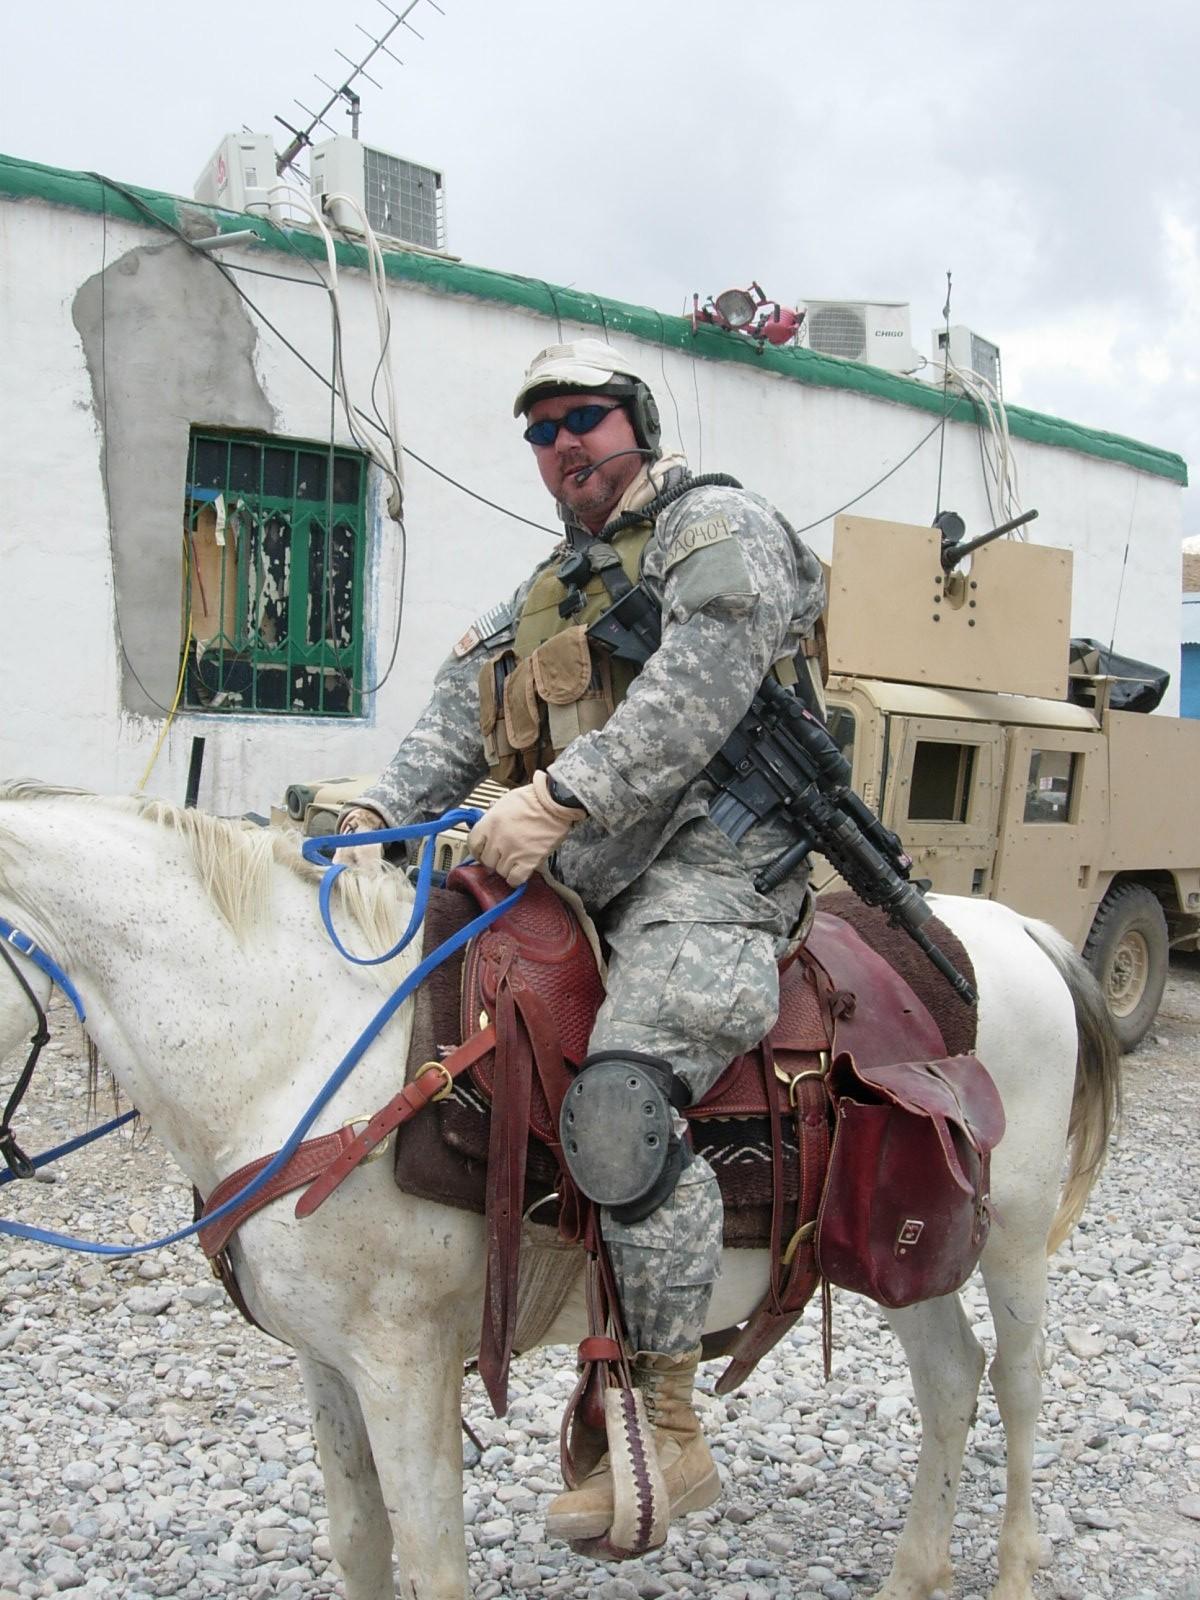 rick-bacon-riding-horse